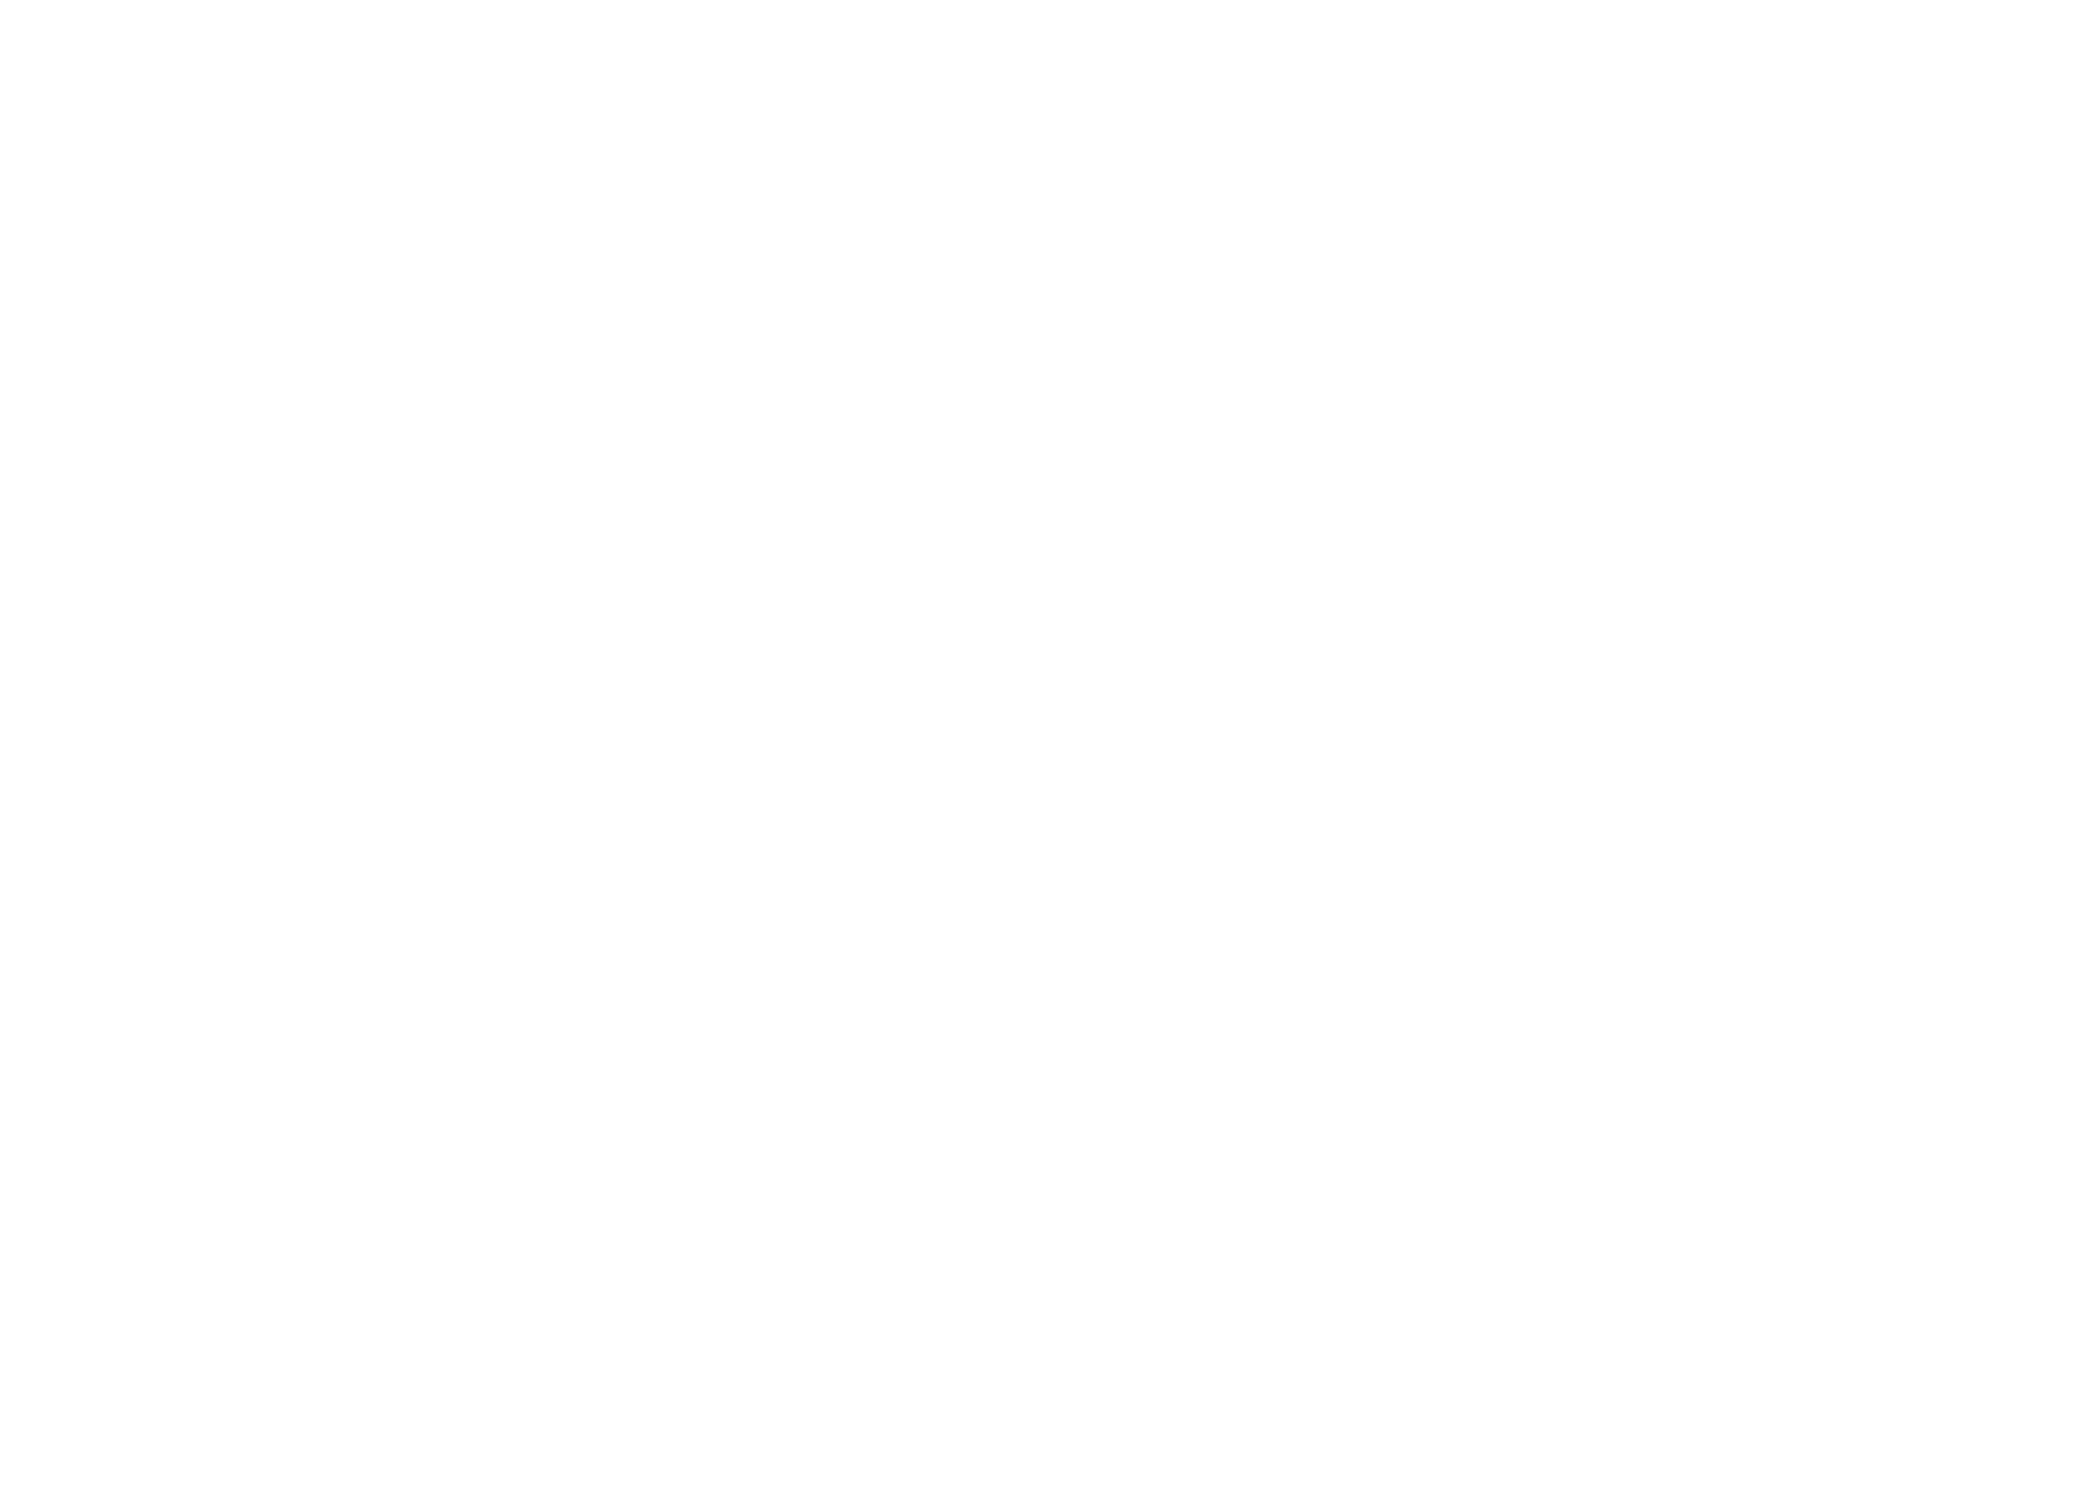 PUGAD